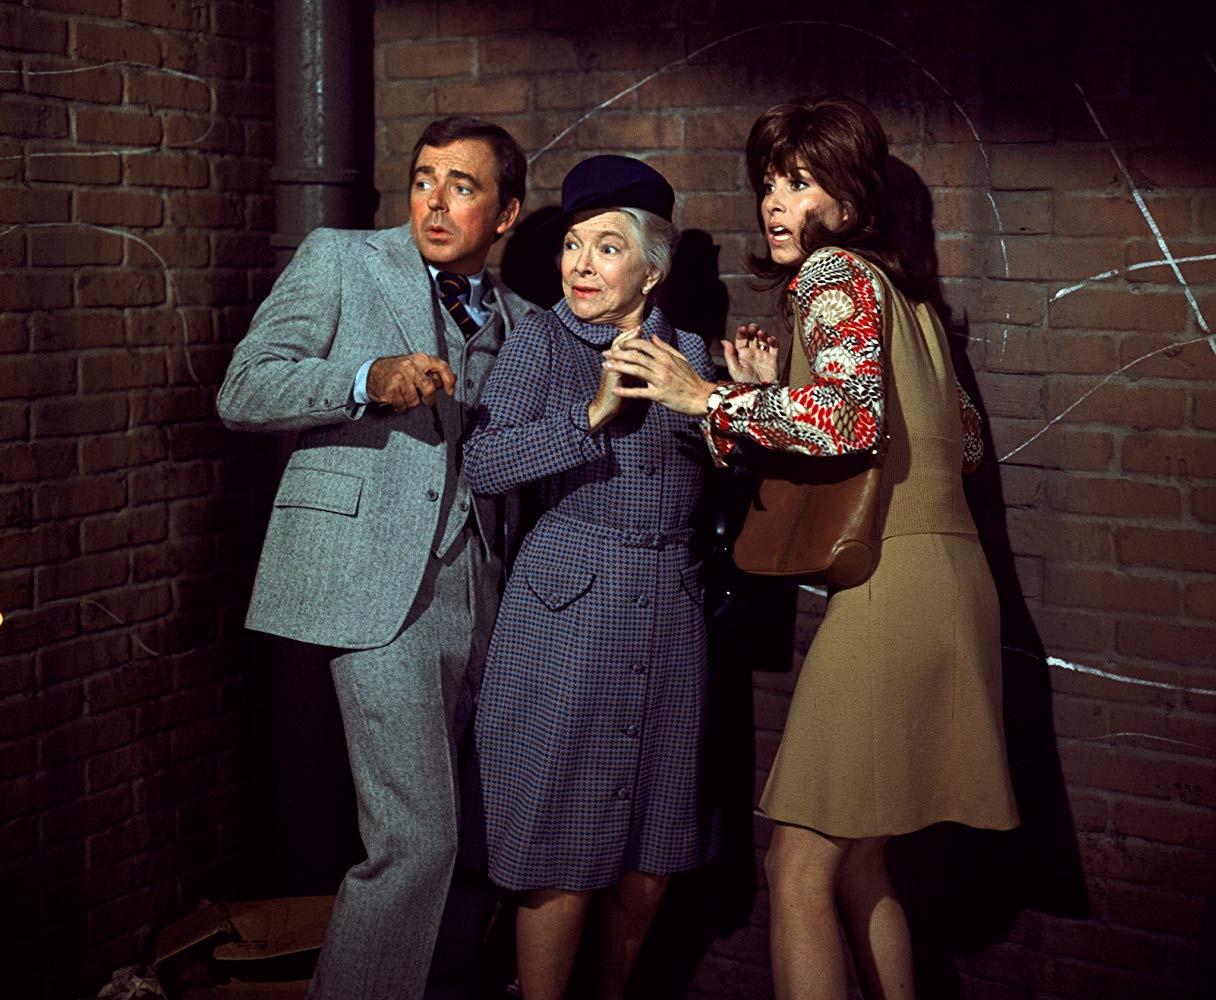 Ken Berry, Helen Hayes, e Stefanie Powers em Herbie Rides Again (1974) (Foto: Divulgação)